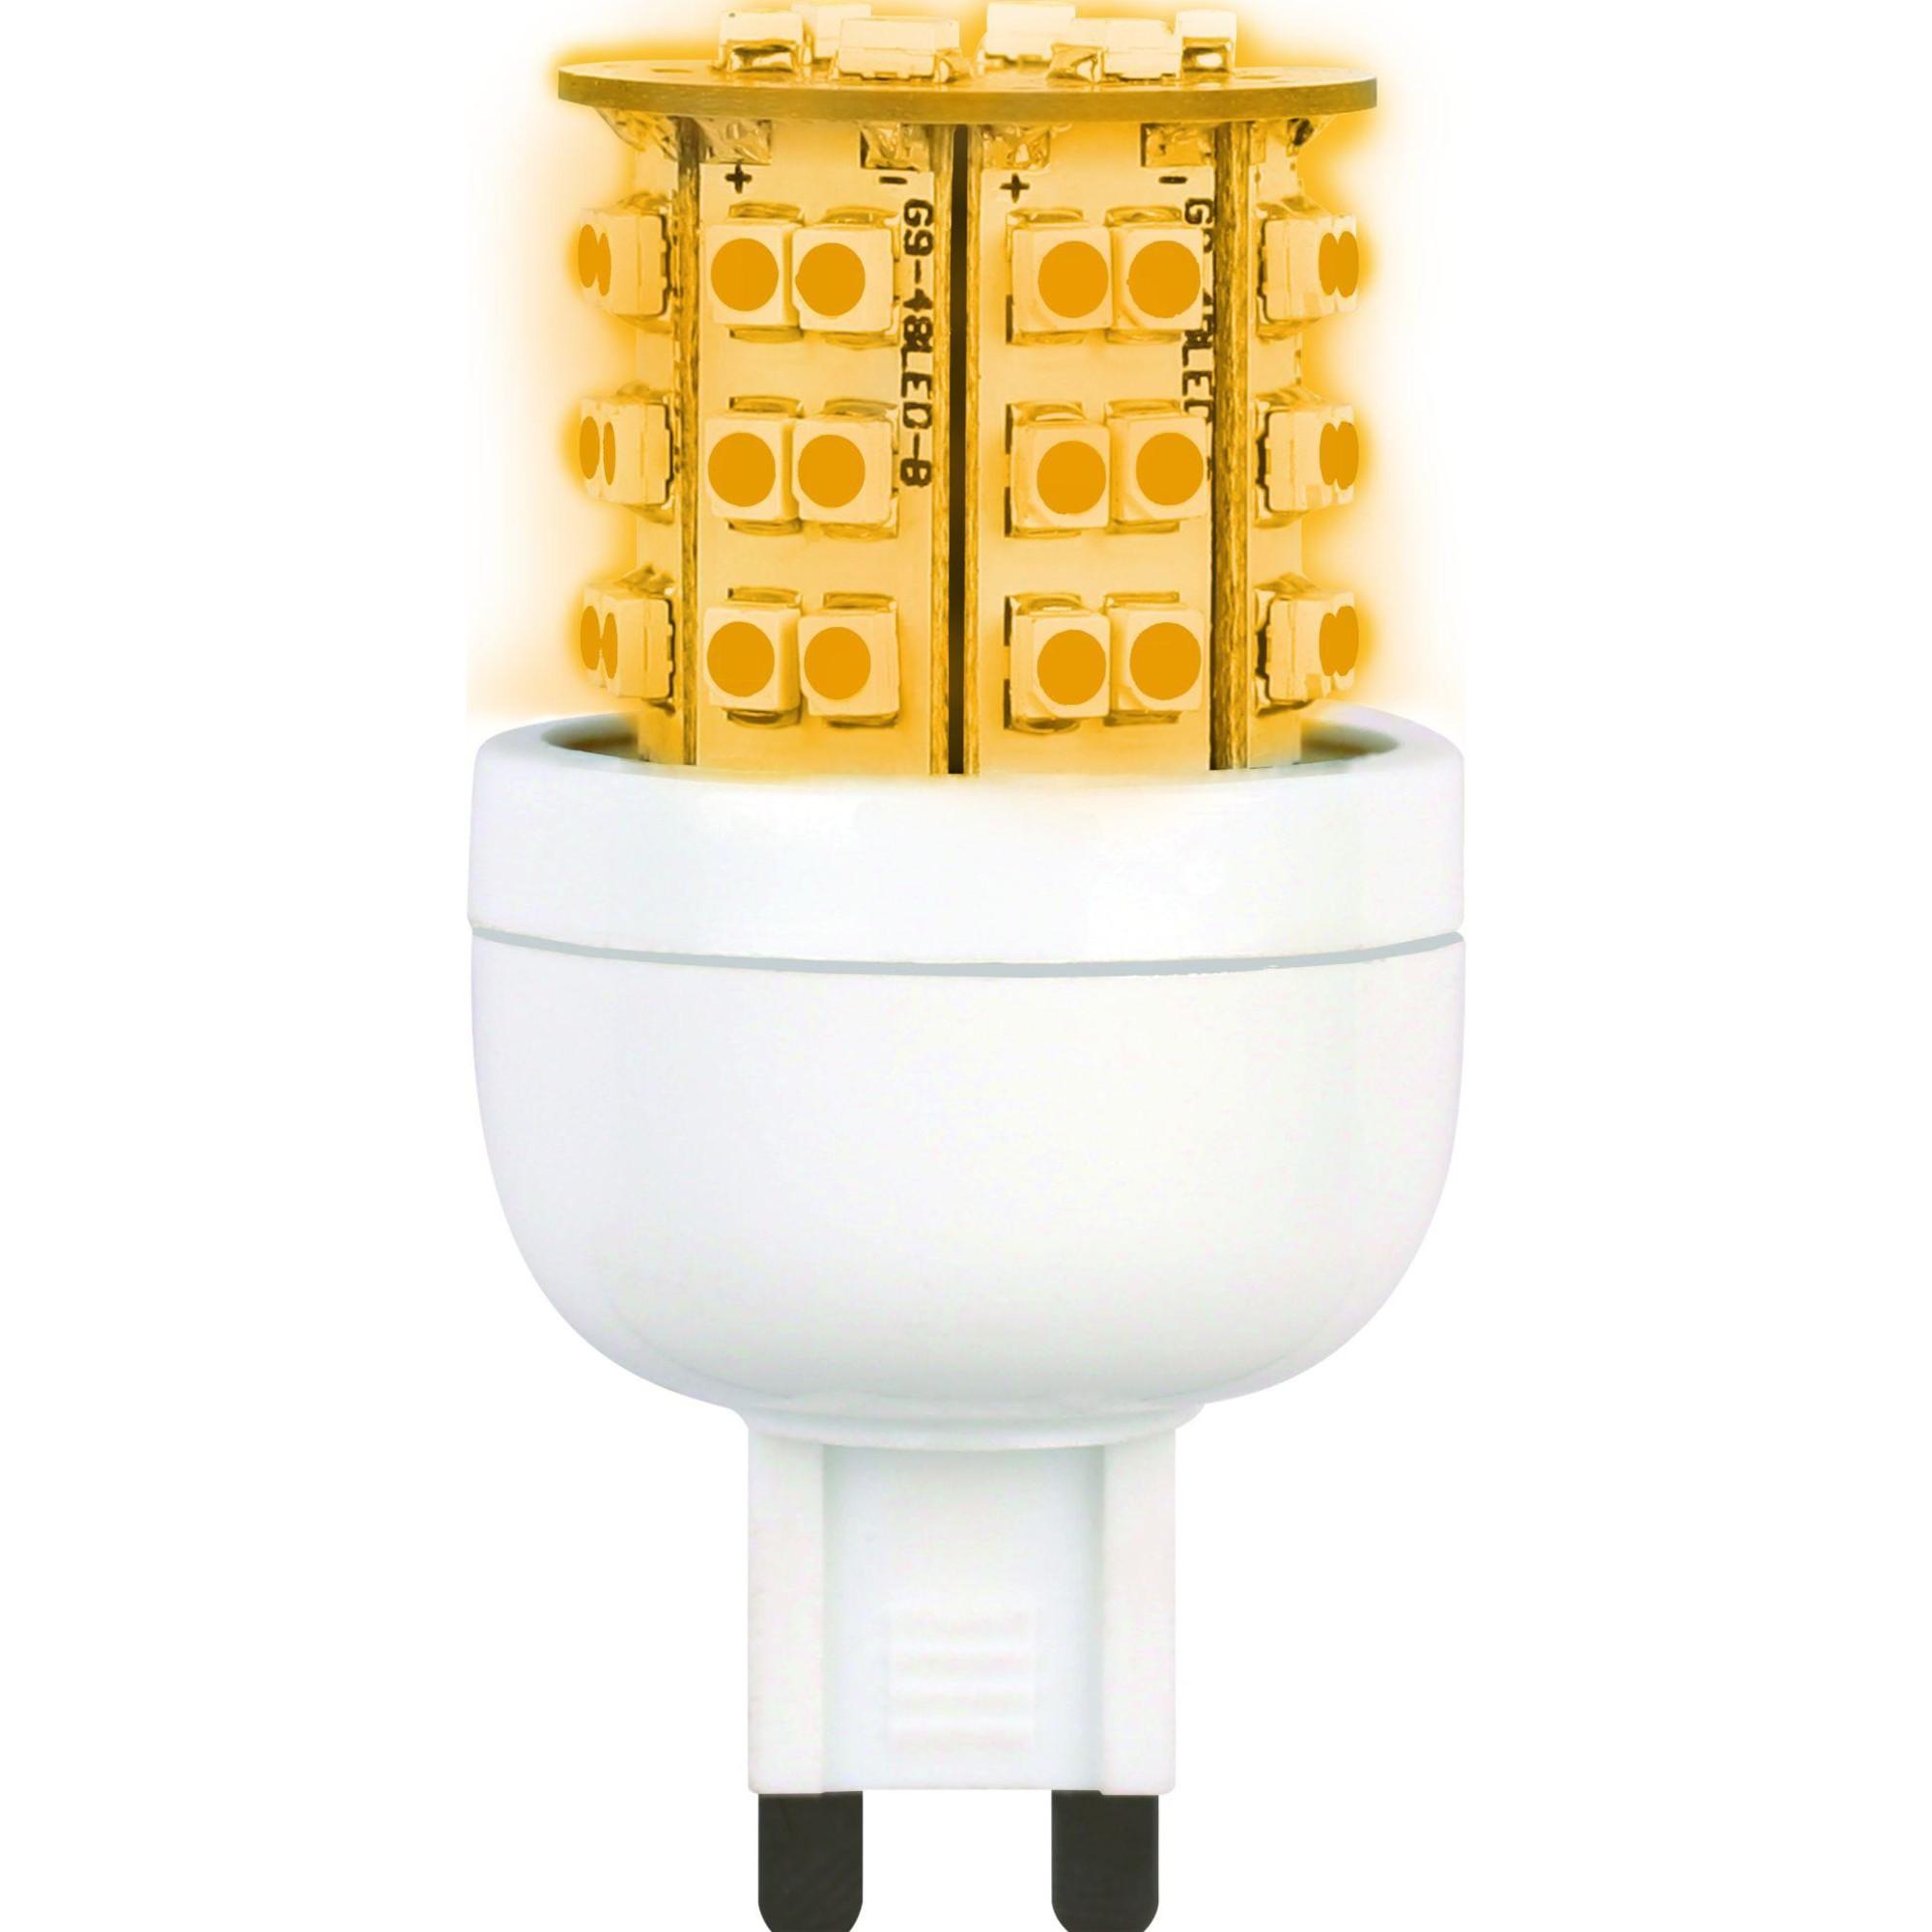 Лампа Ecola Premium светодионая G9 3.60 Вт капсула 320 Лм теплый свет